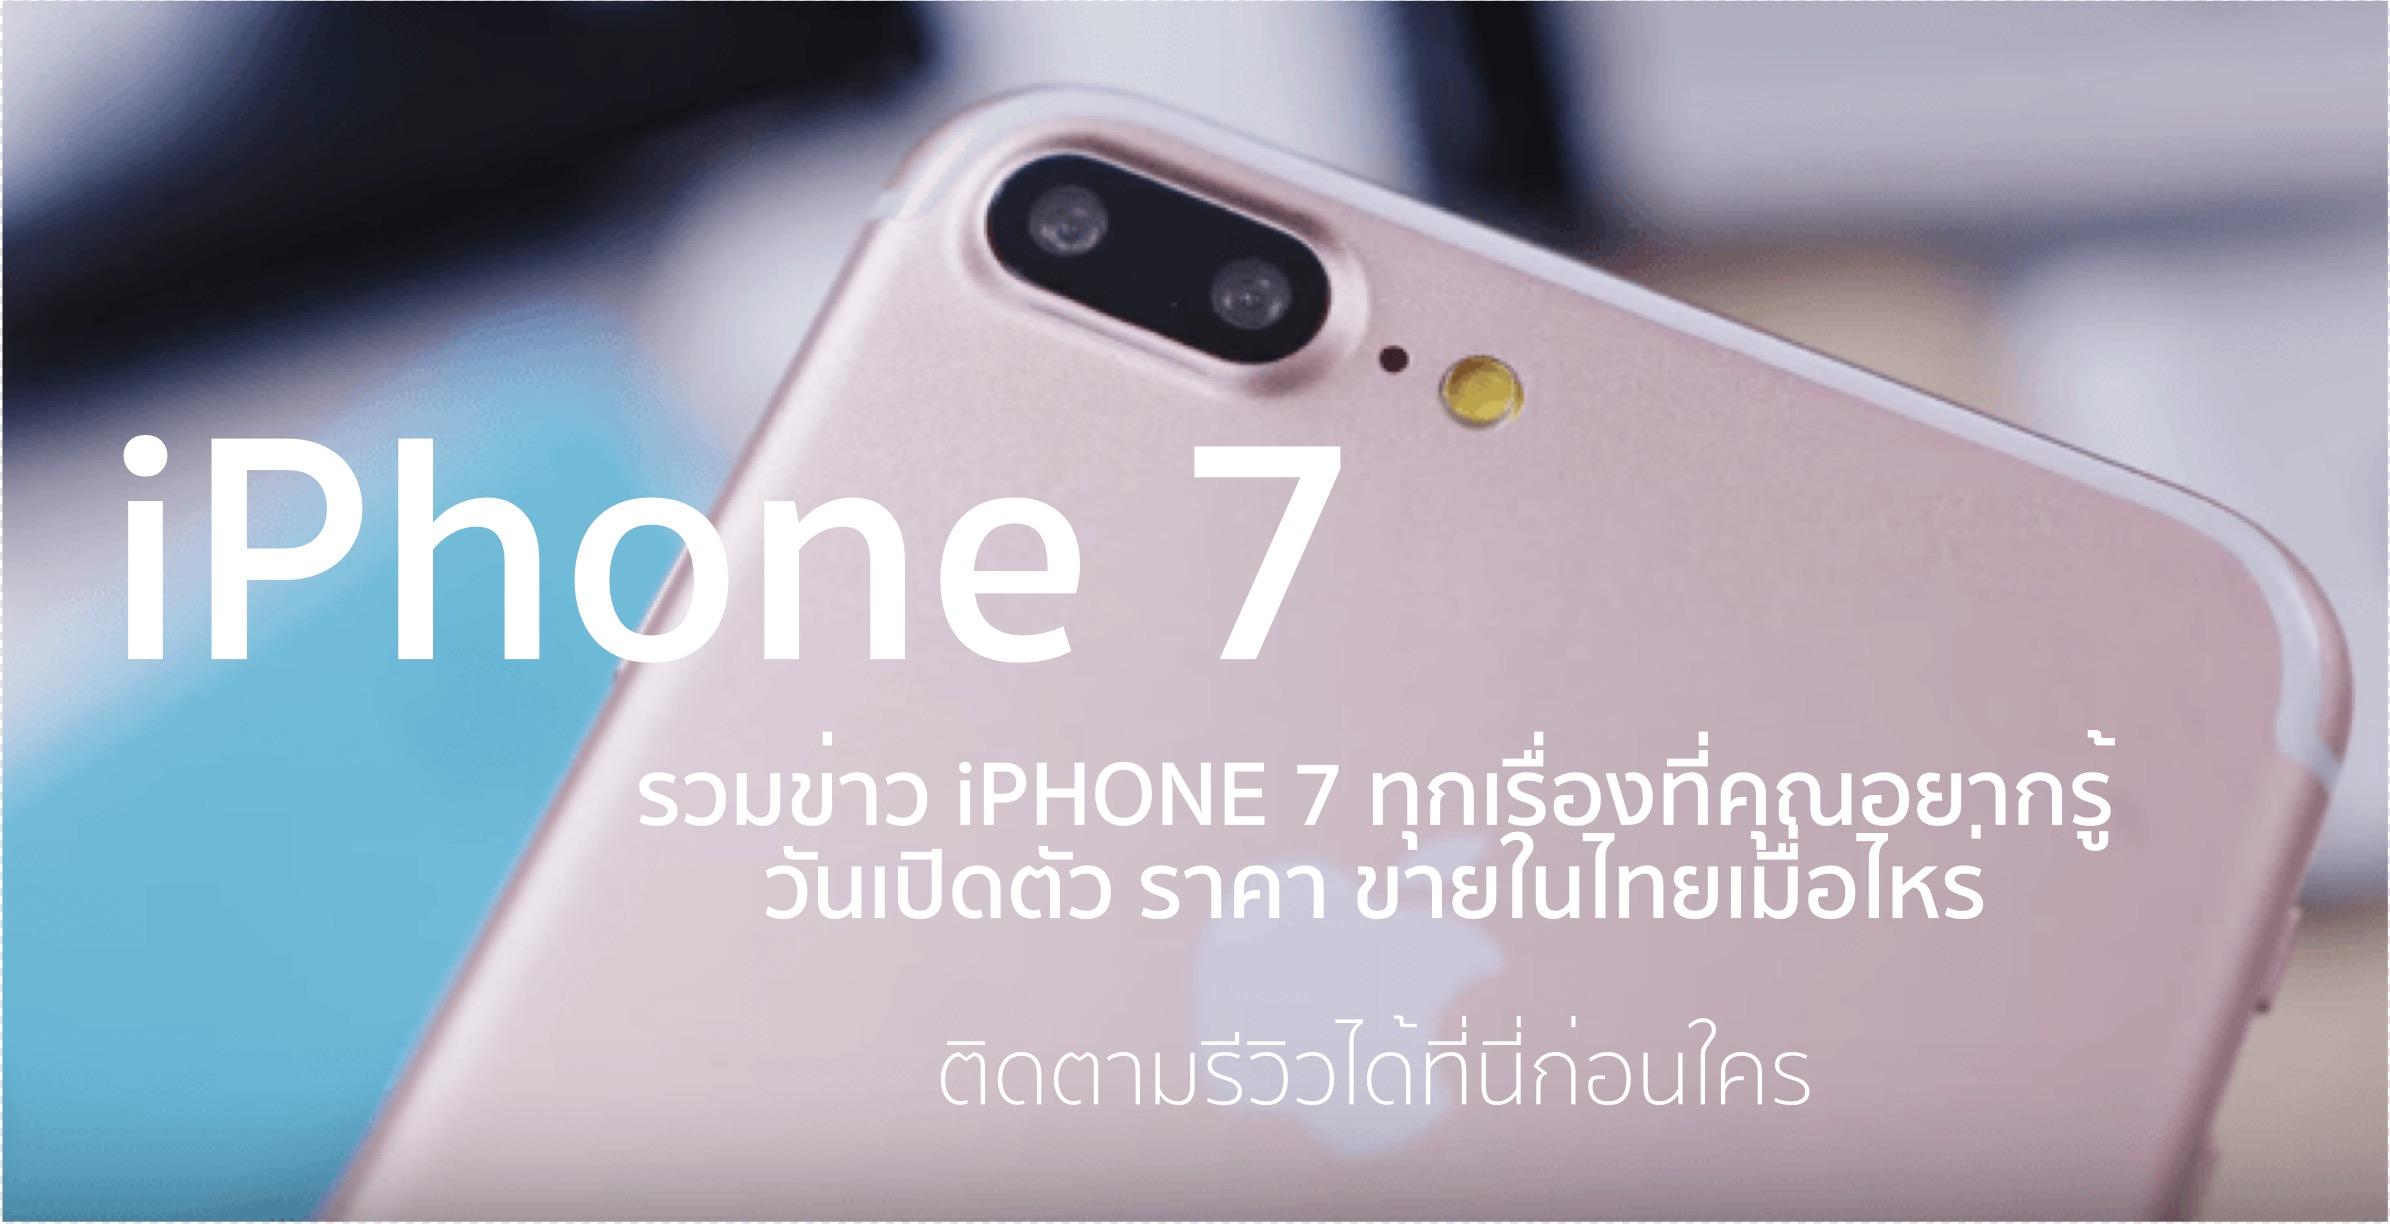 iphone 7 เปิดตัว